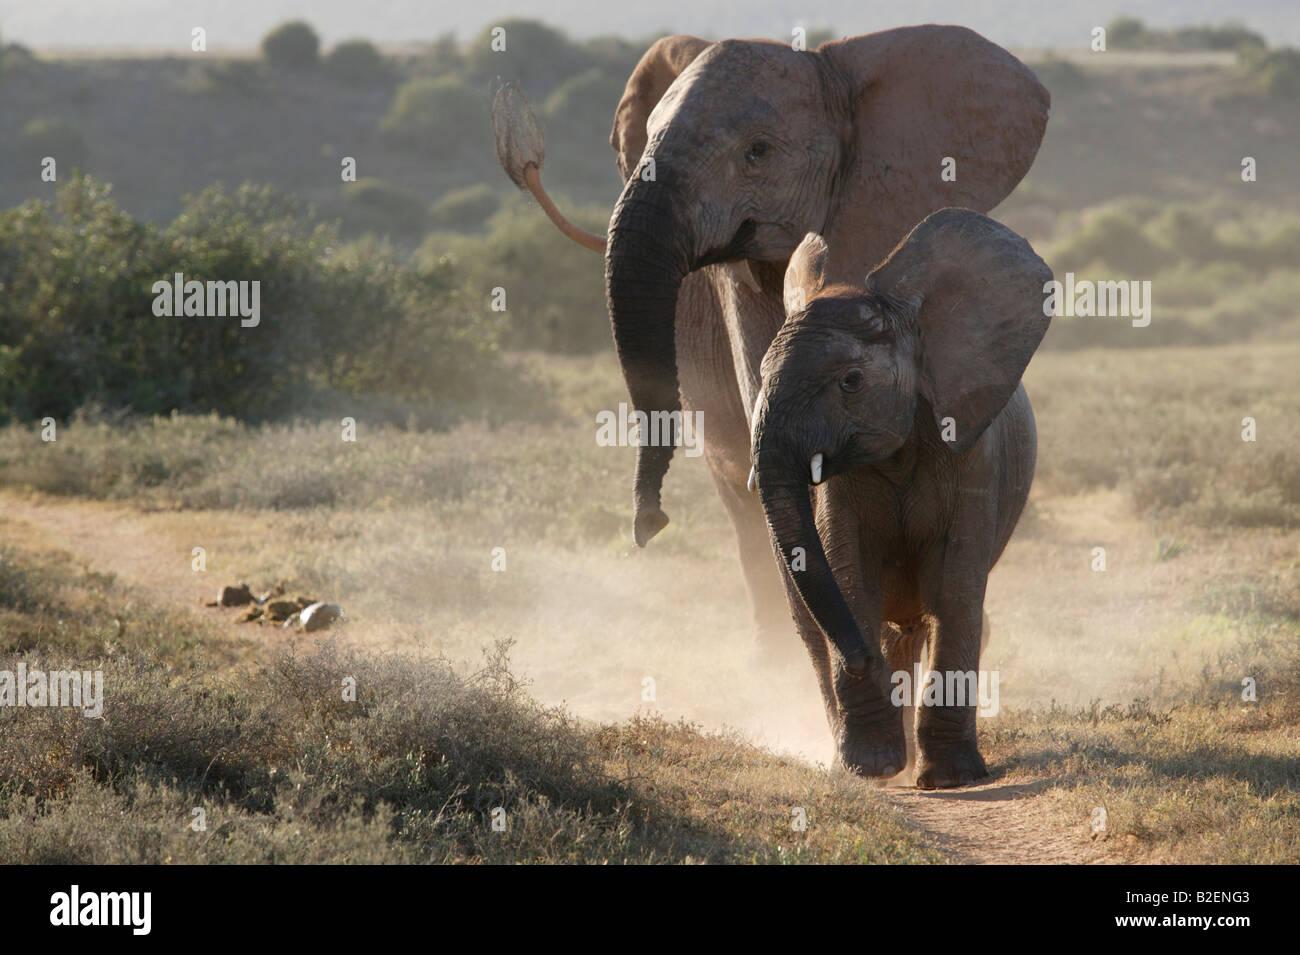 Una vista frontal de dos elefantes en una pose agresiva Imagen De Stock